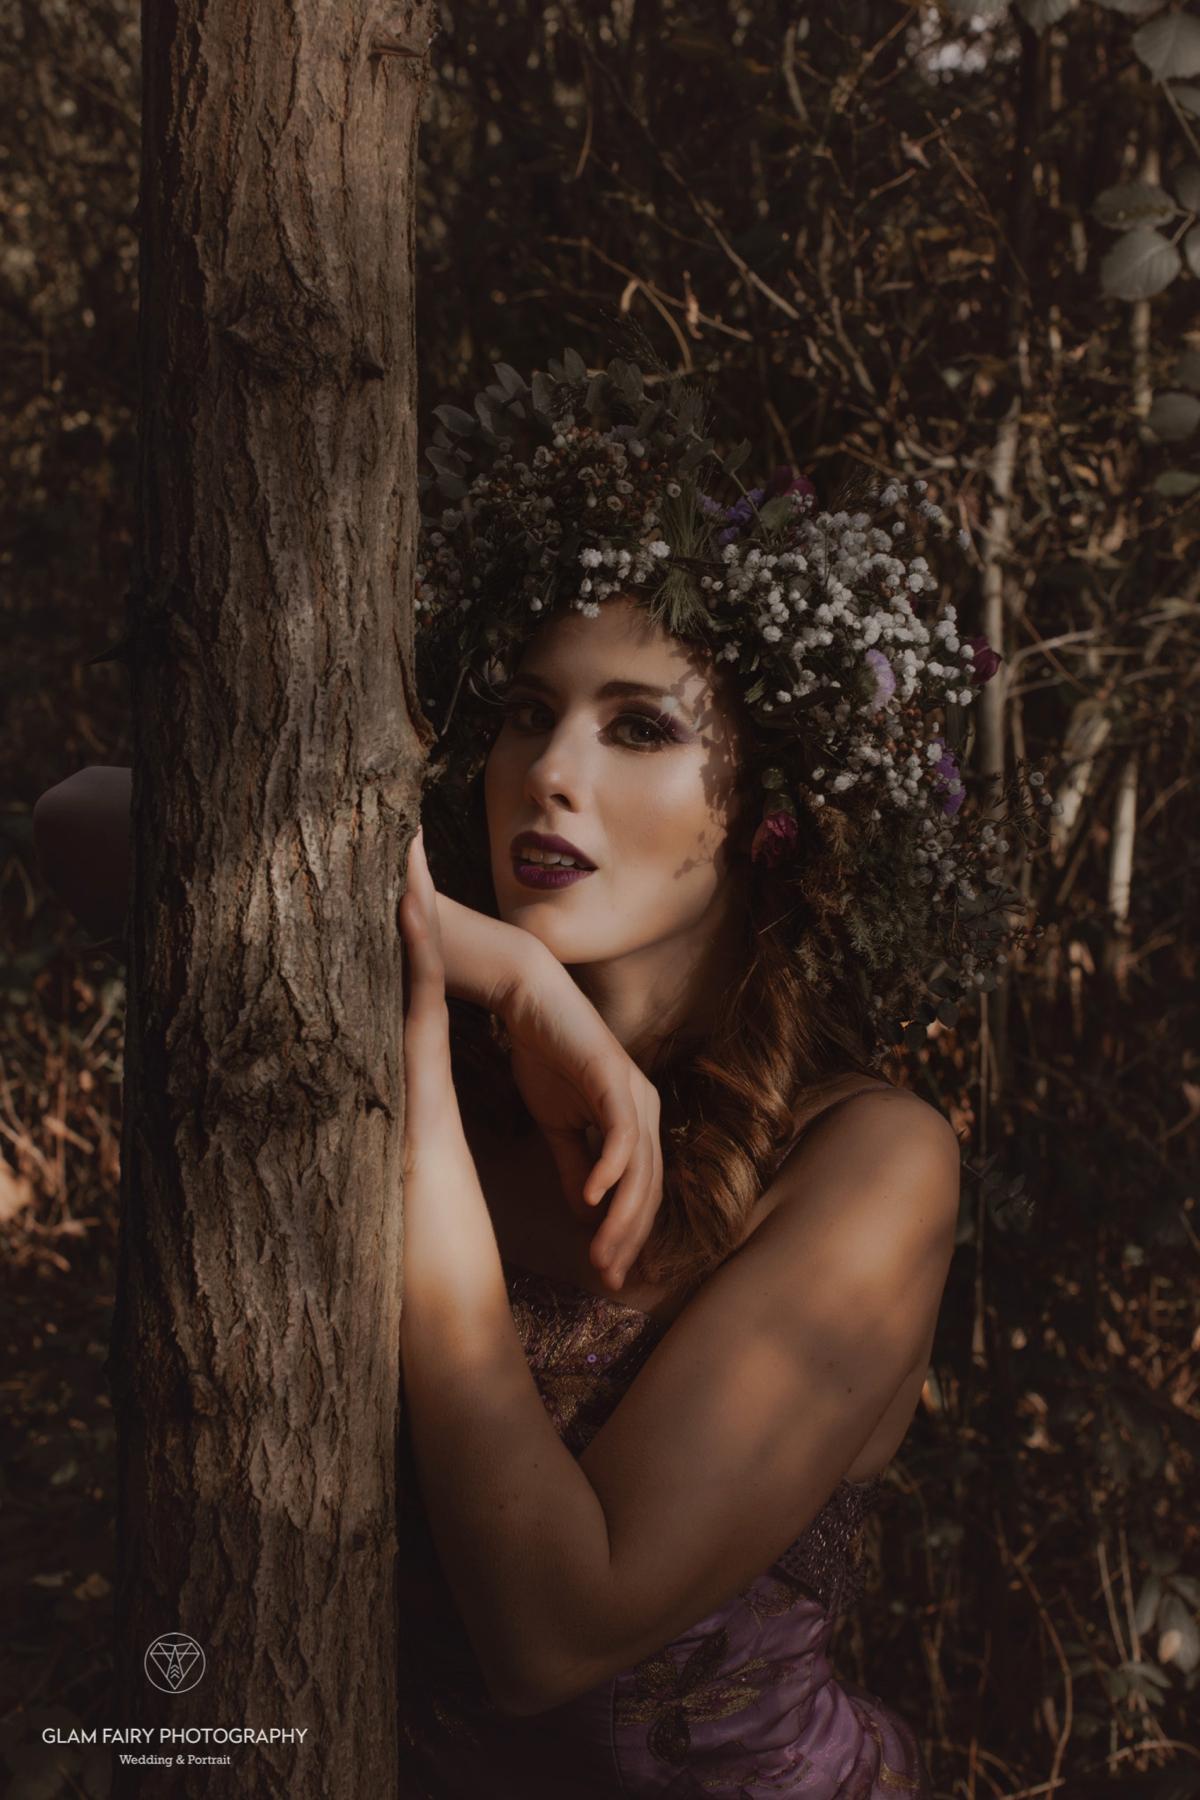 glamfairyphotography-seance-portrait-creatif-madeleine_0008